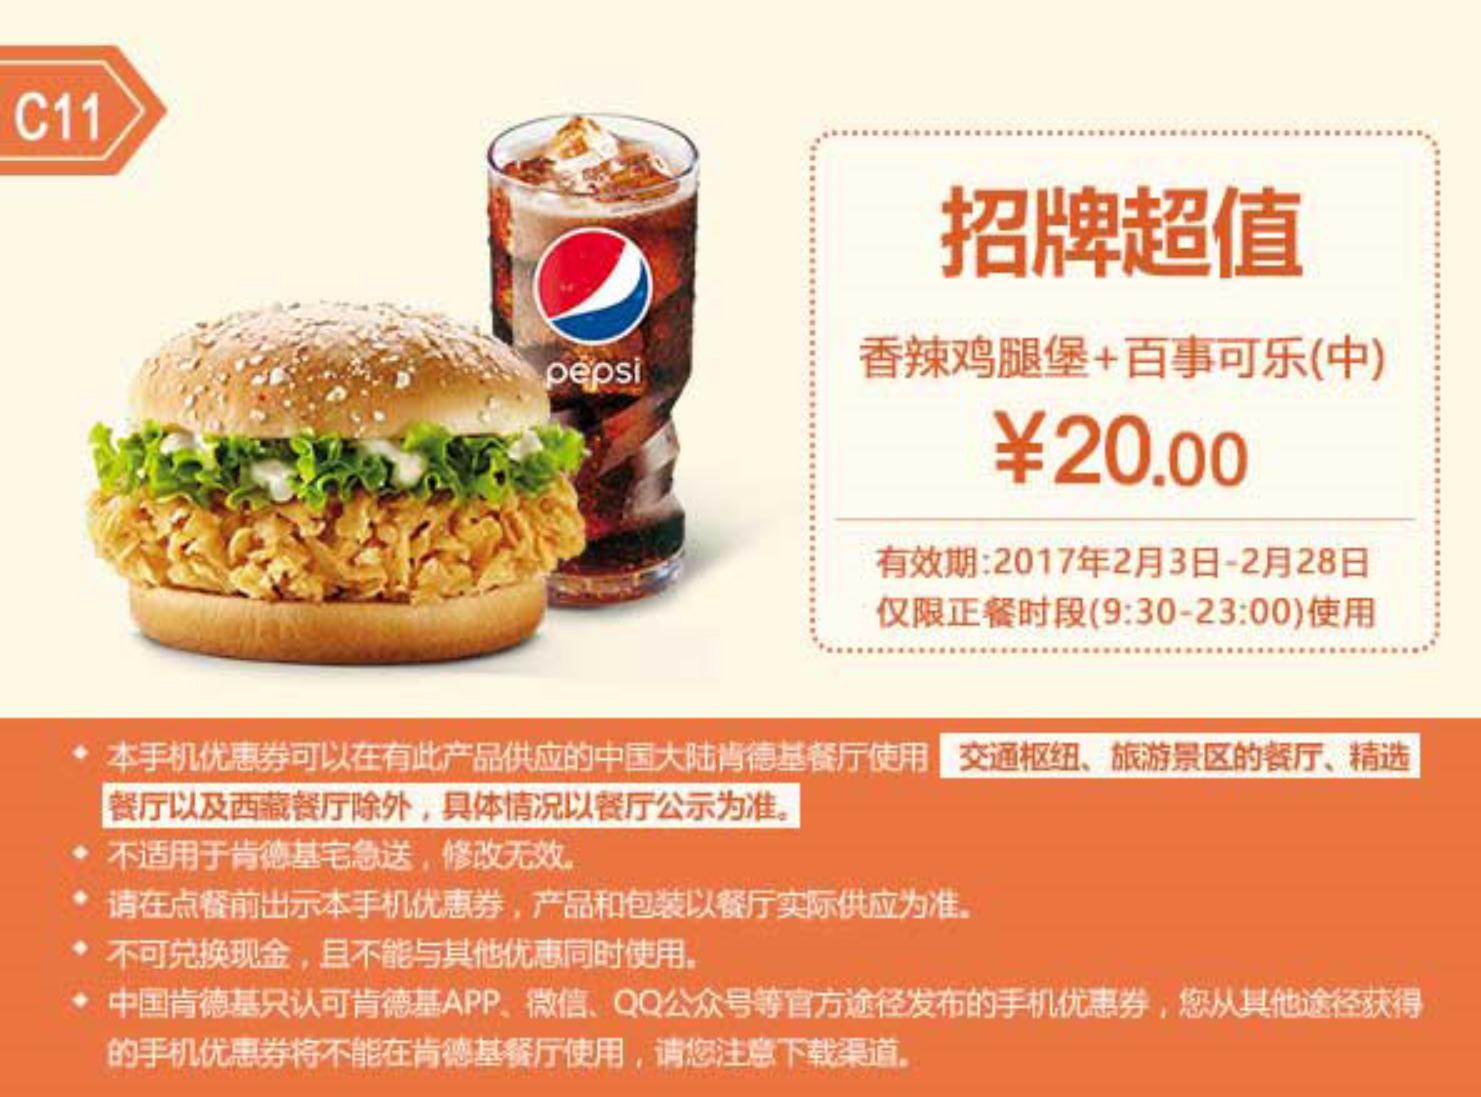 C11香辣鸡腿堡+百事可乐(中)